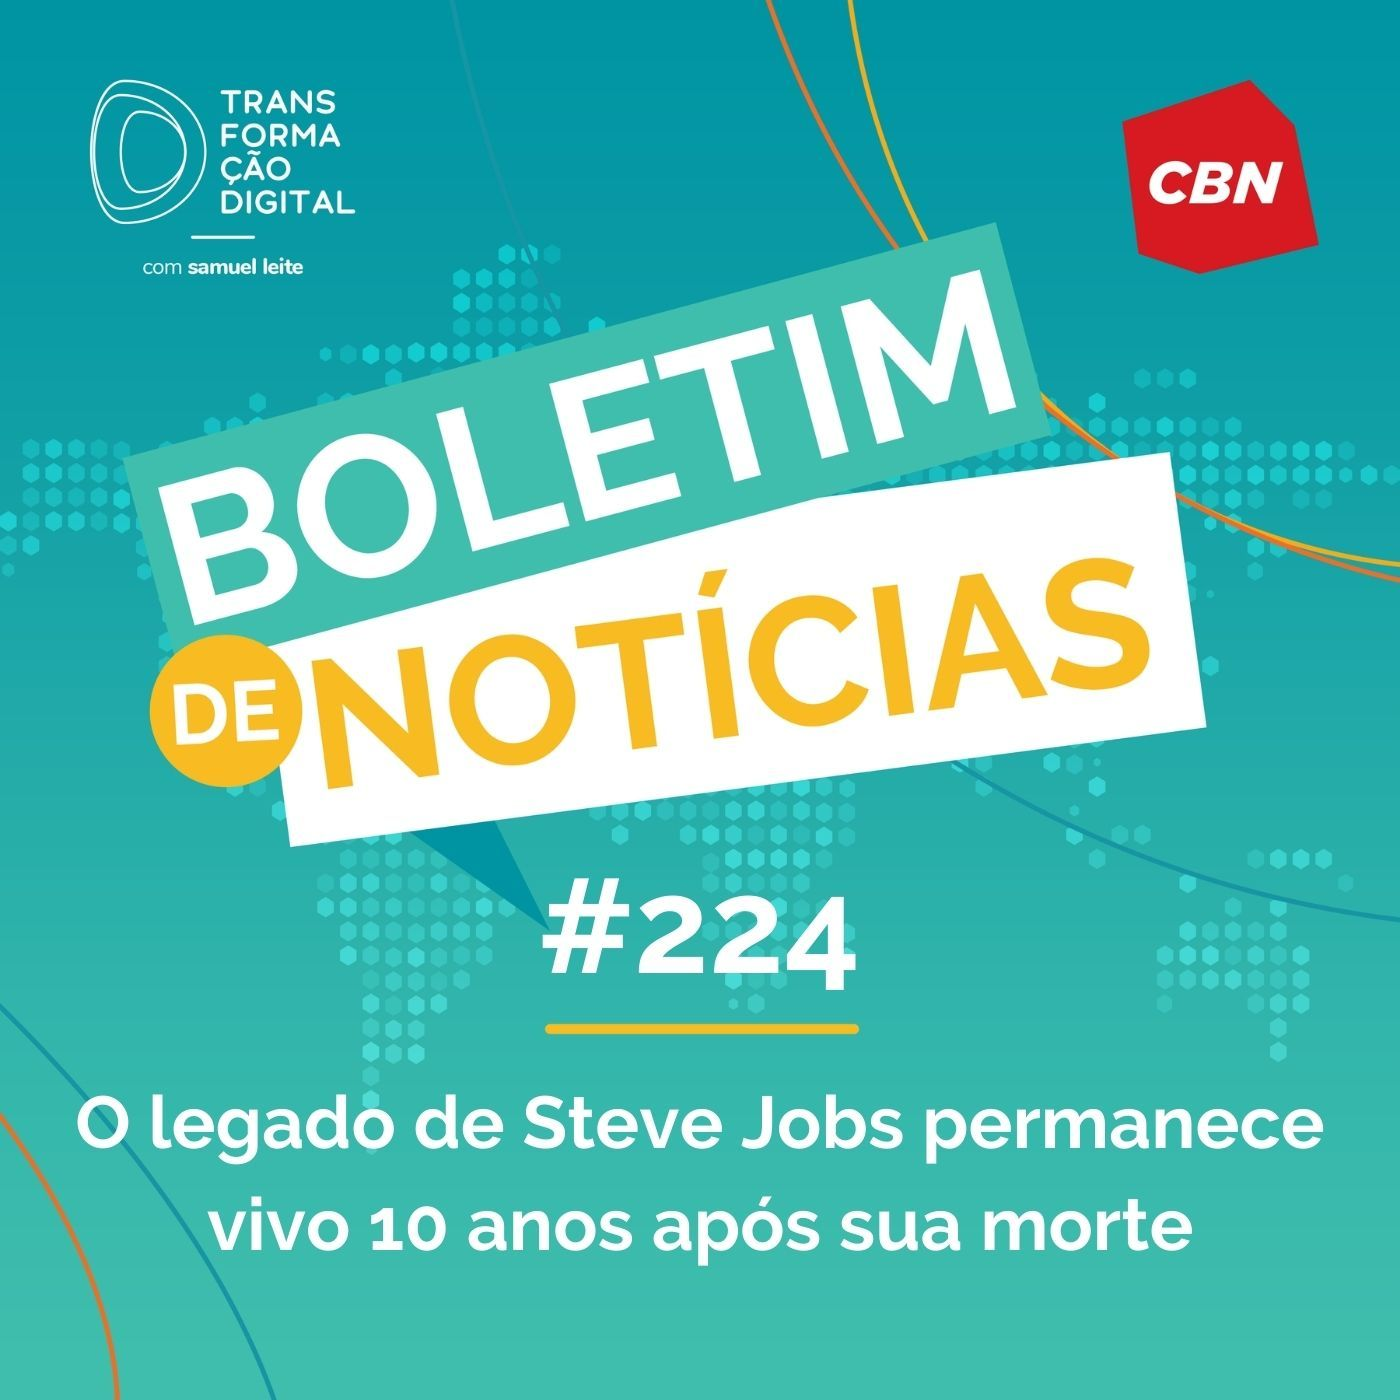 Transformação Digital CBN - Boletim de Notícias #224 - 10 anos da morte de Steve Jobs